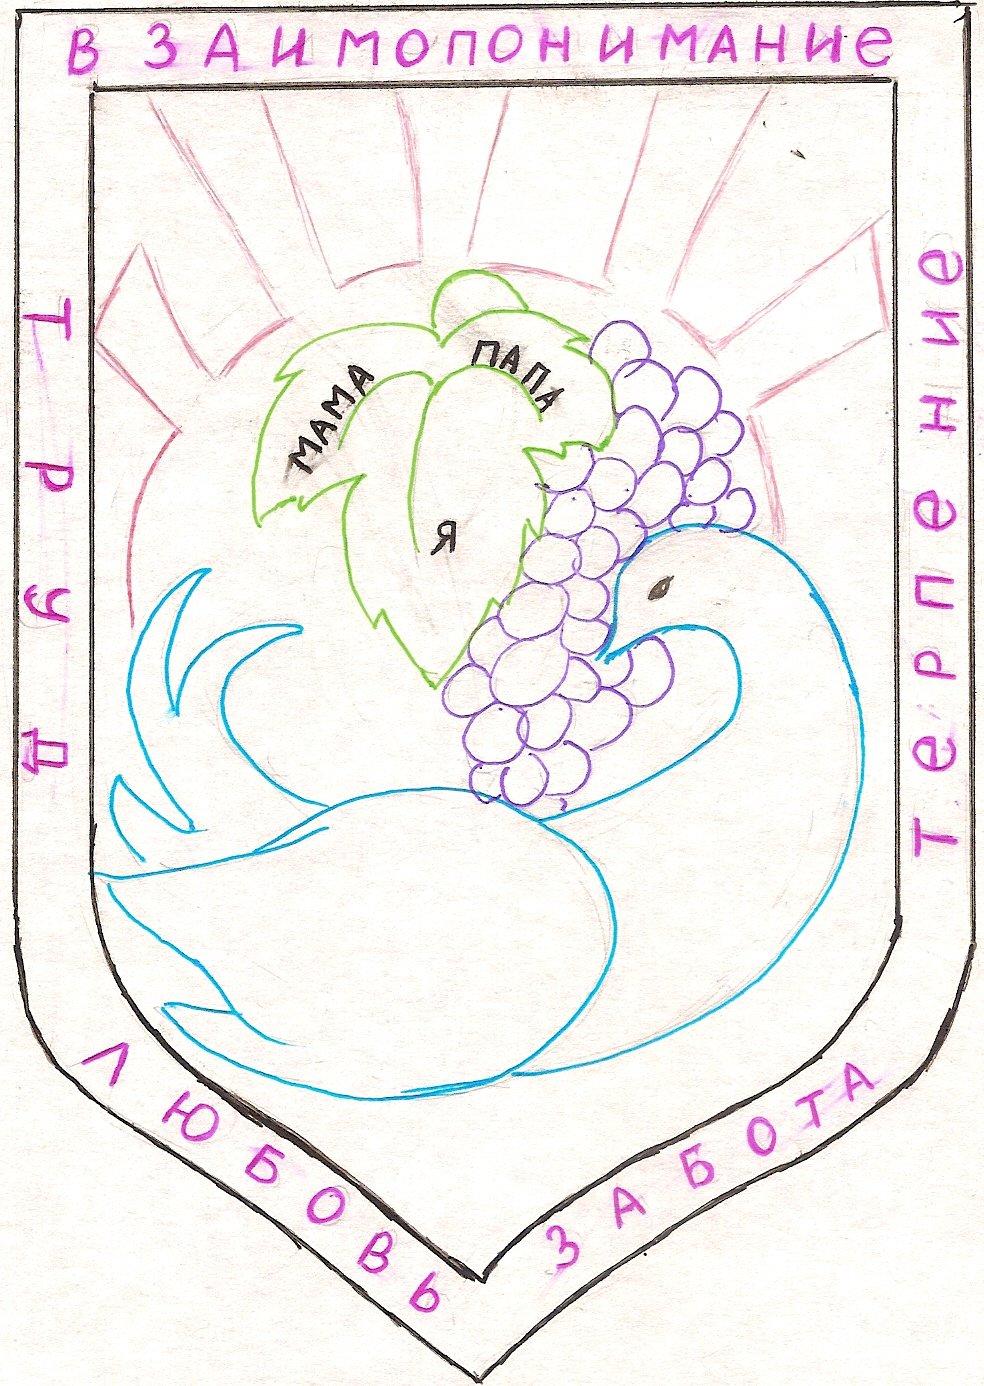 стелла герб семьи картинка и его описание разберемся